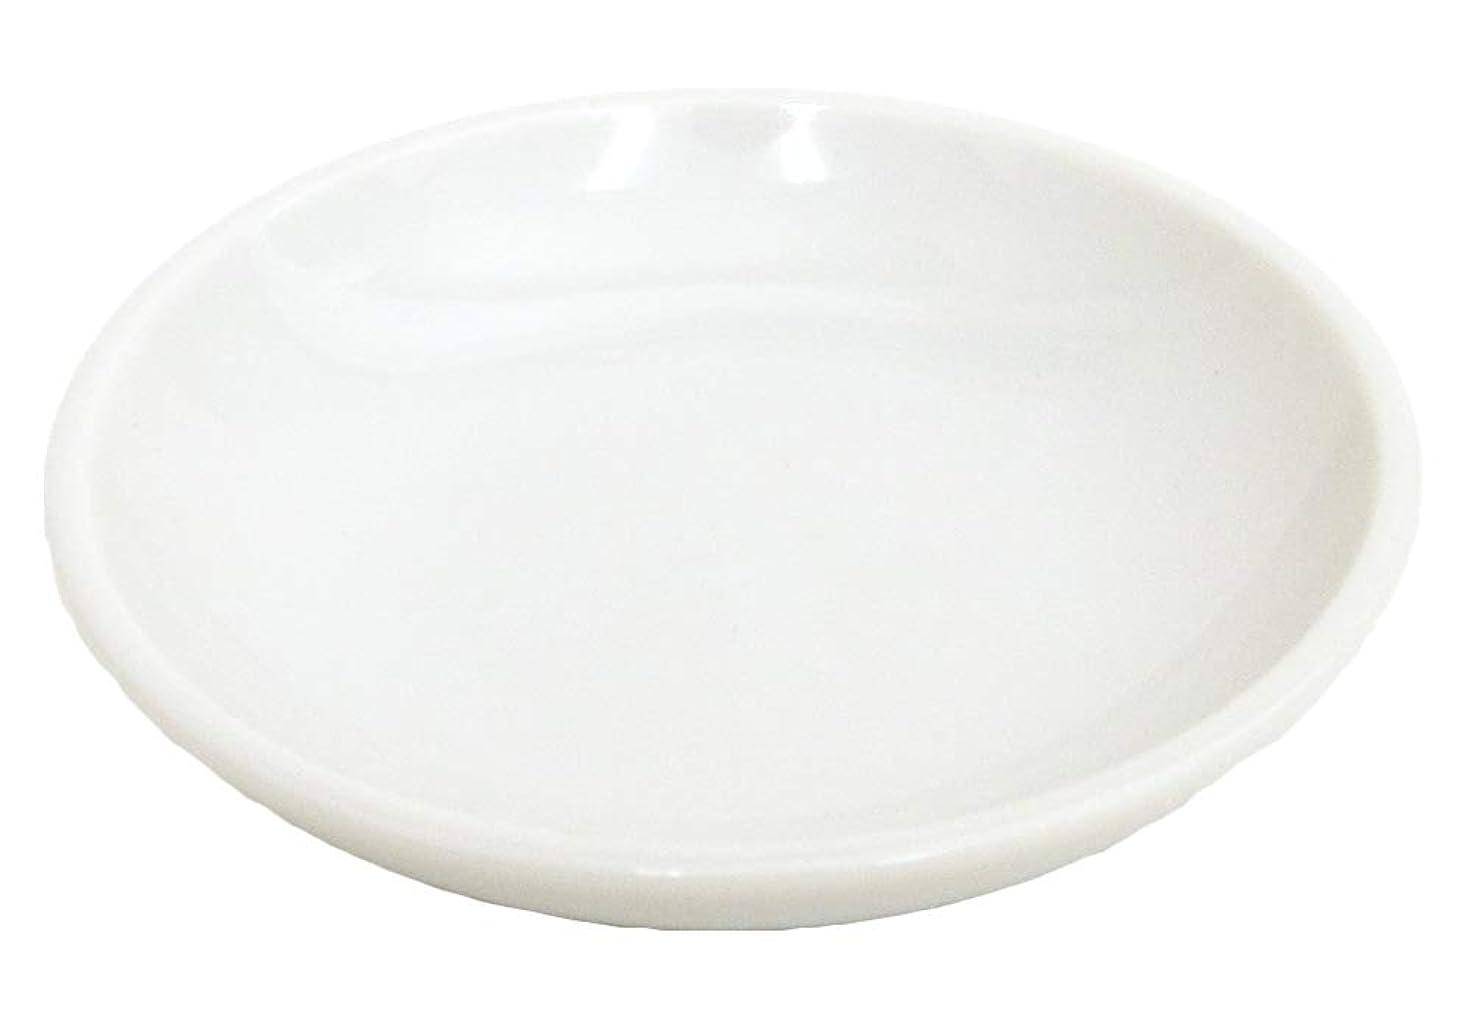 割れ目グラマー怖がらせる白皿 白2.5神皿 神棚用品 磁器 美濃焼